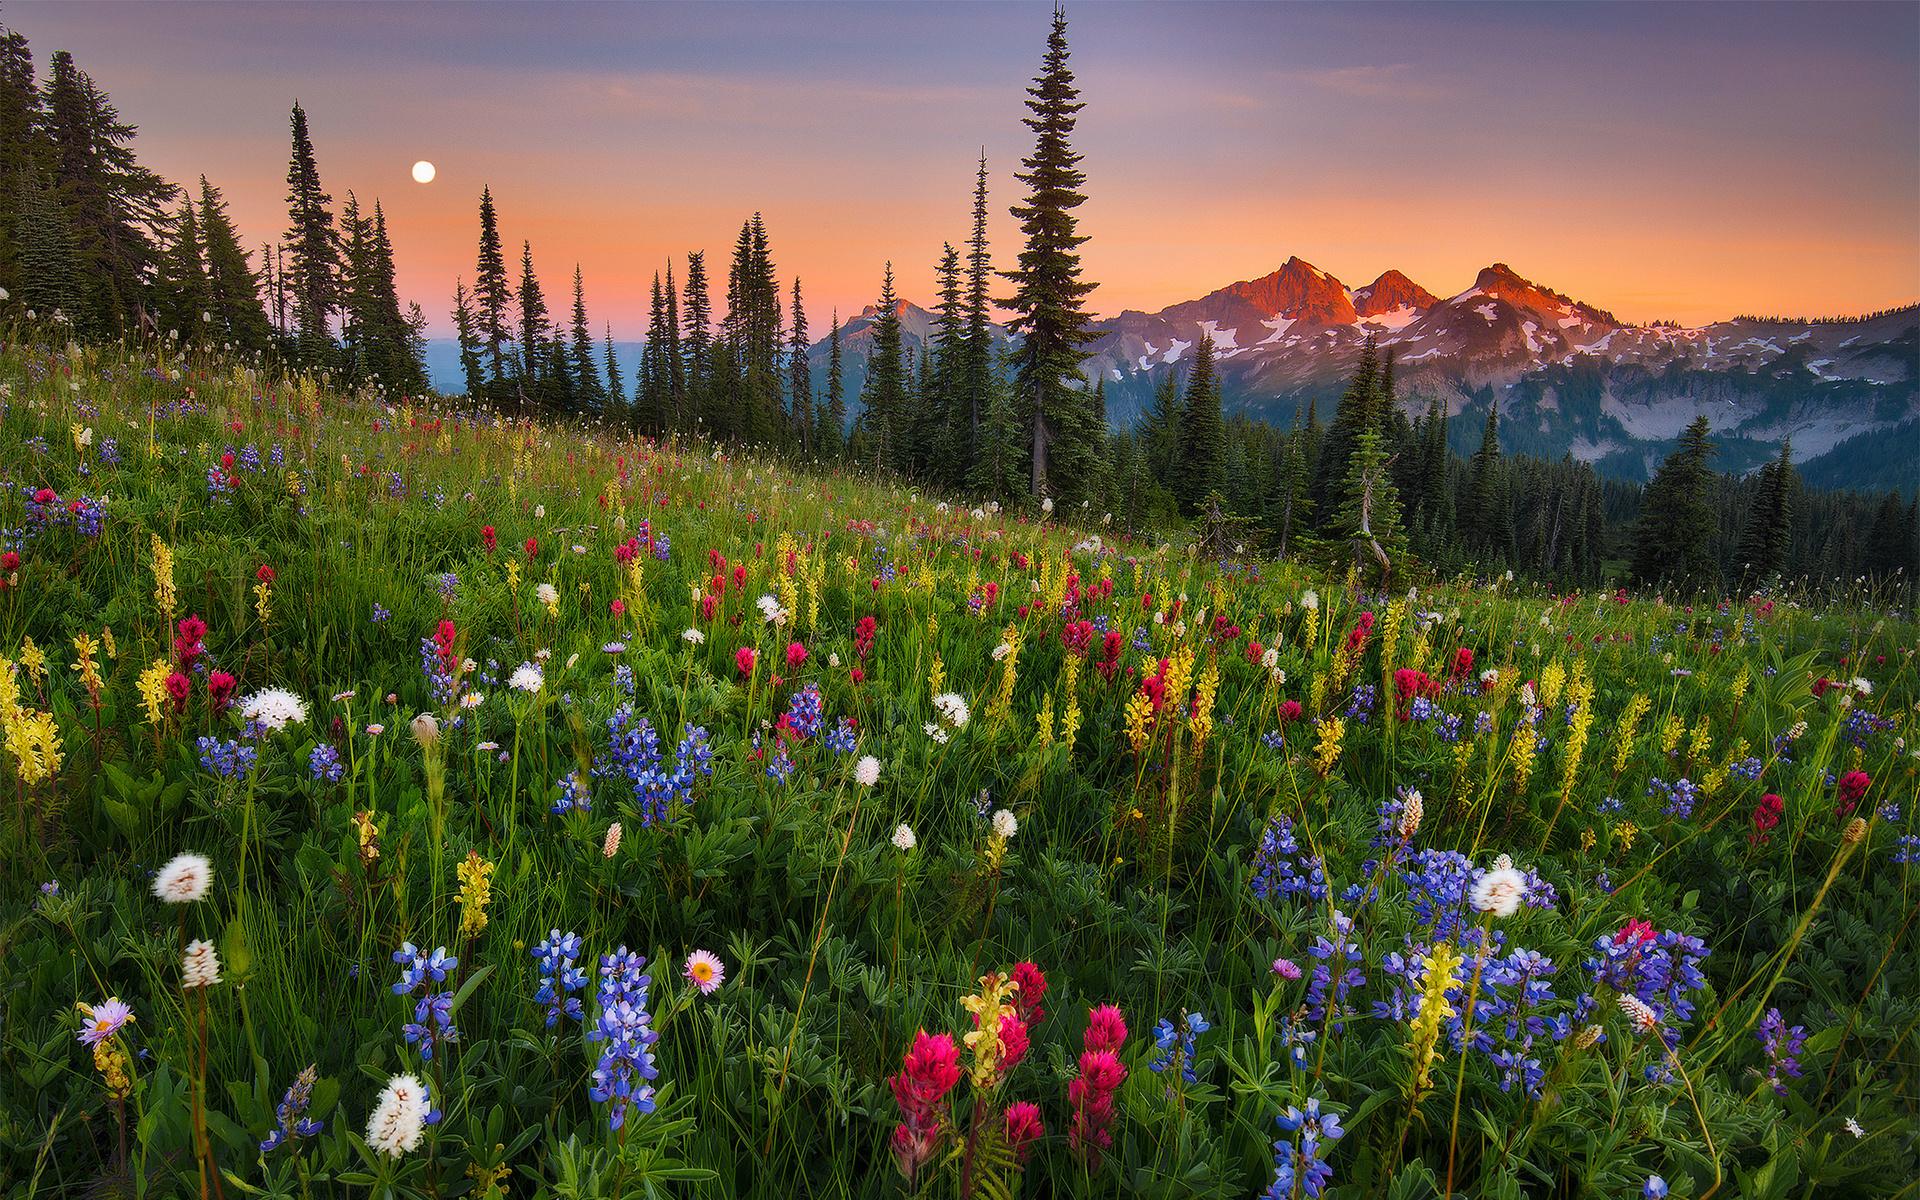 природа, пейзаж, лето, горы, луга, травы, цветы, утро, рассвет, деревья, ели, склон